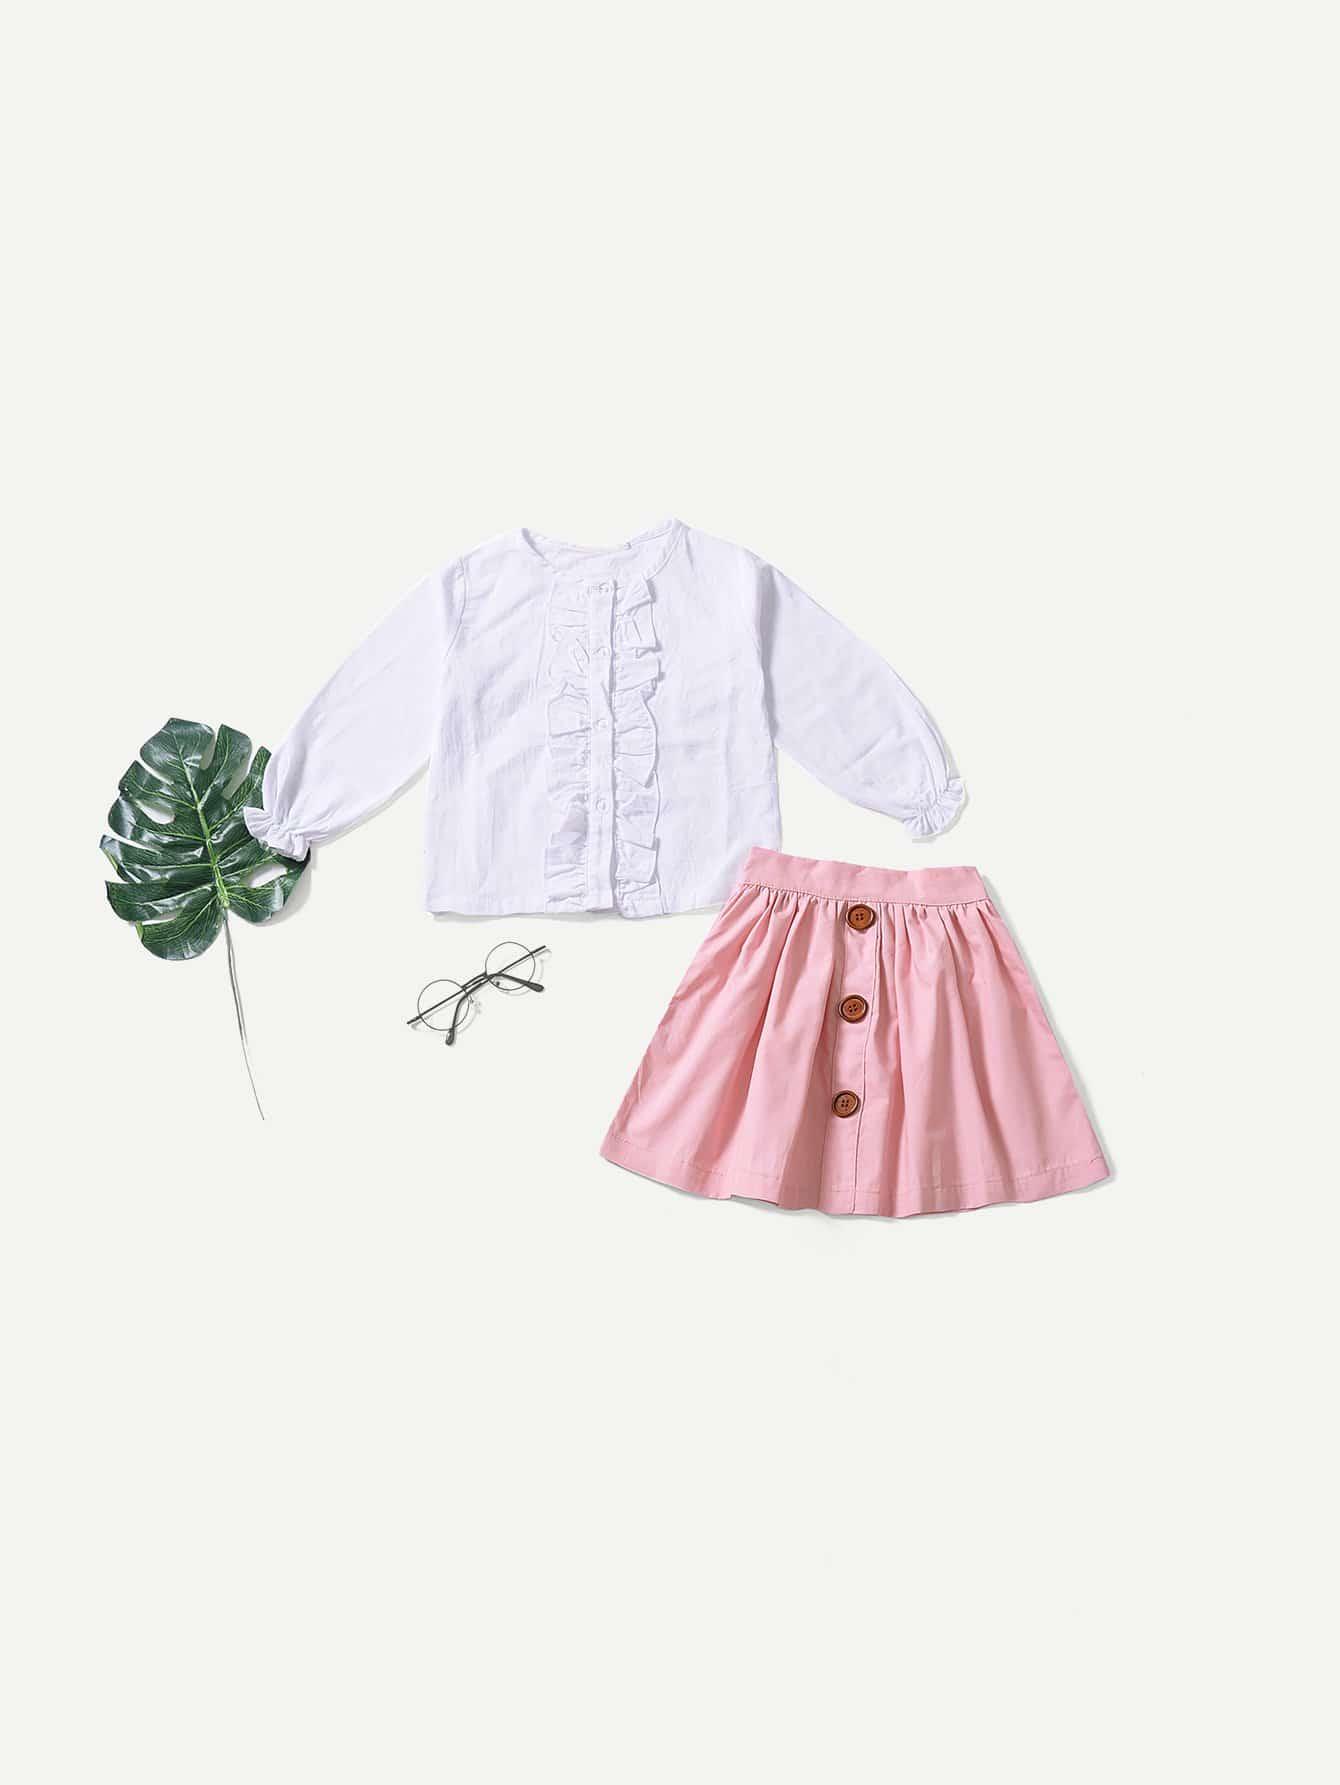 Купить Простая блуза со складками и юбка с украшением пуговицы для малышских девочек, null, SheIn